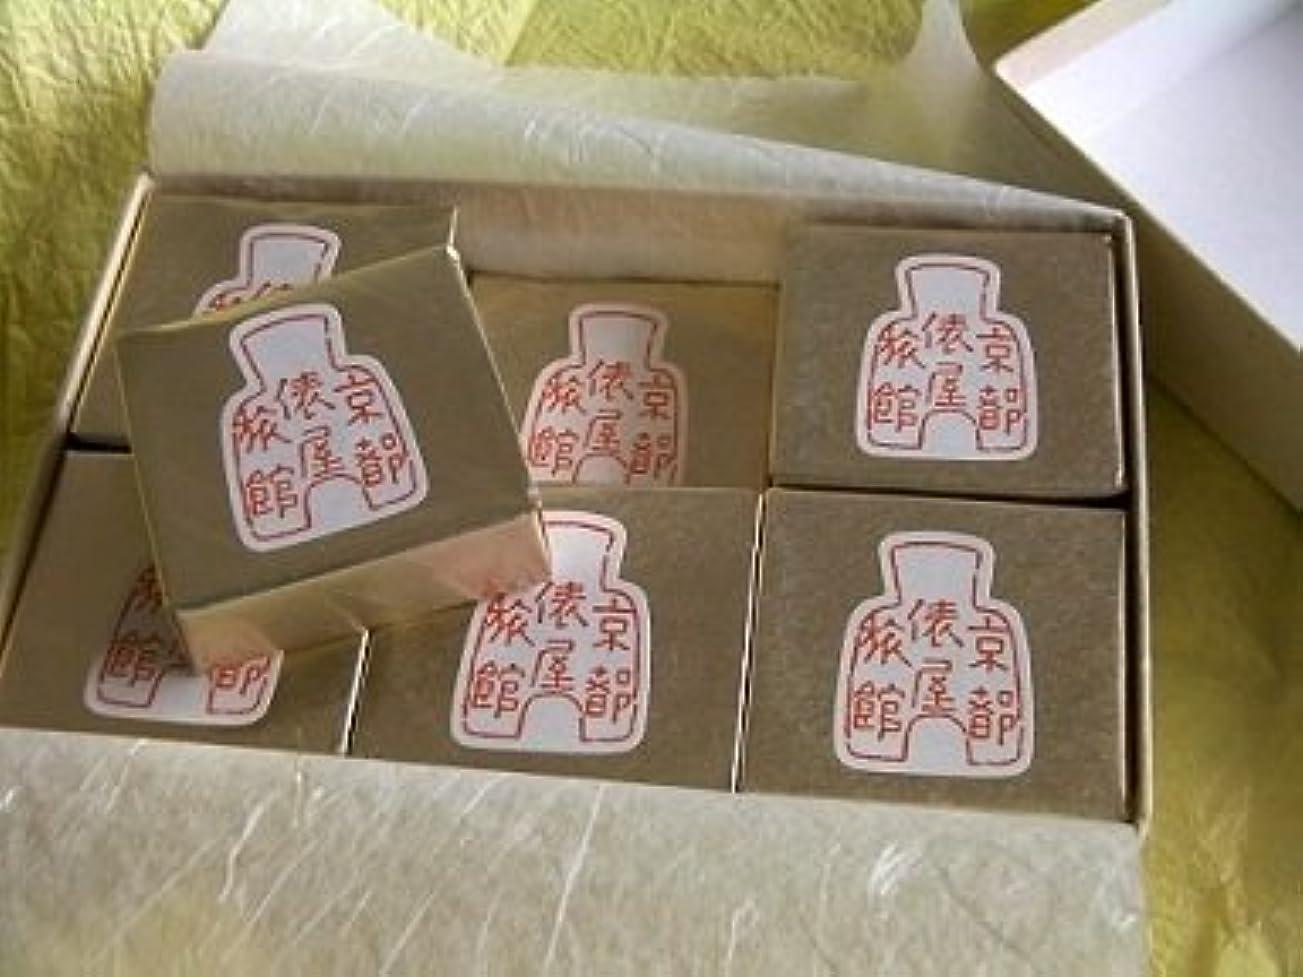 極めて重要な第九エロチック俵屋旅館 俵屋の石鹸 12個入り 【ギフト包装&紙袋付き】 製造元:松山油脂 通販